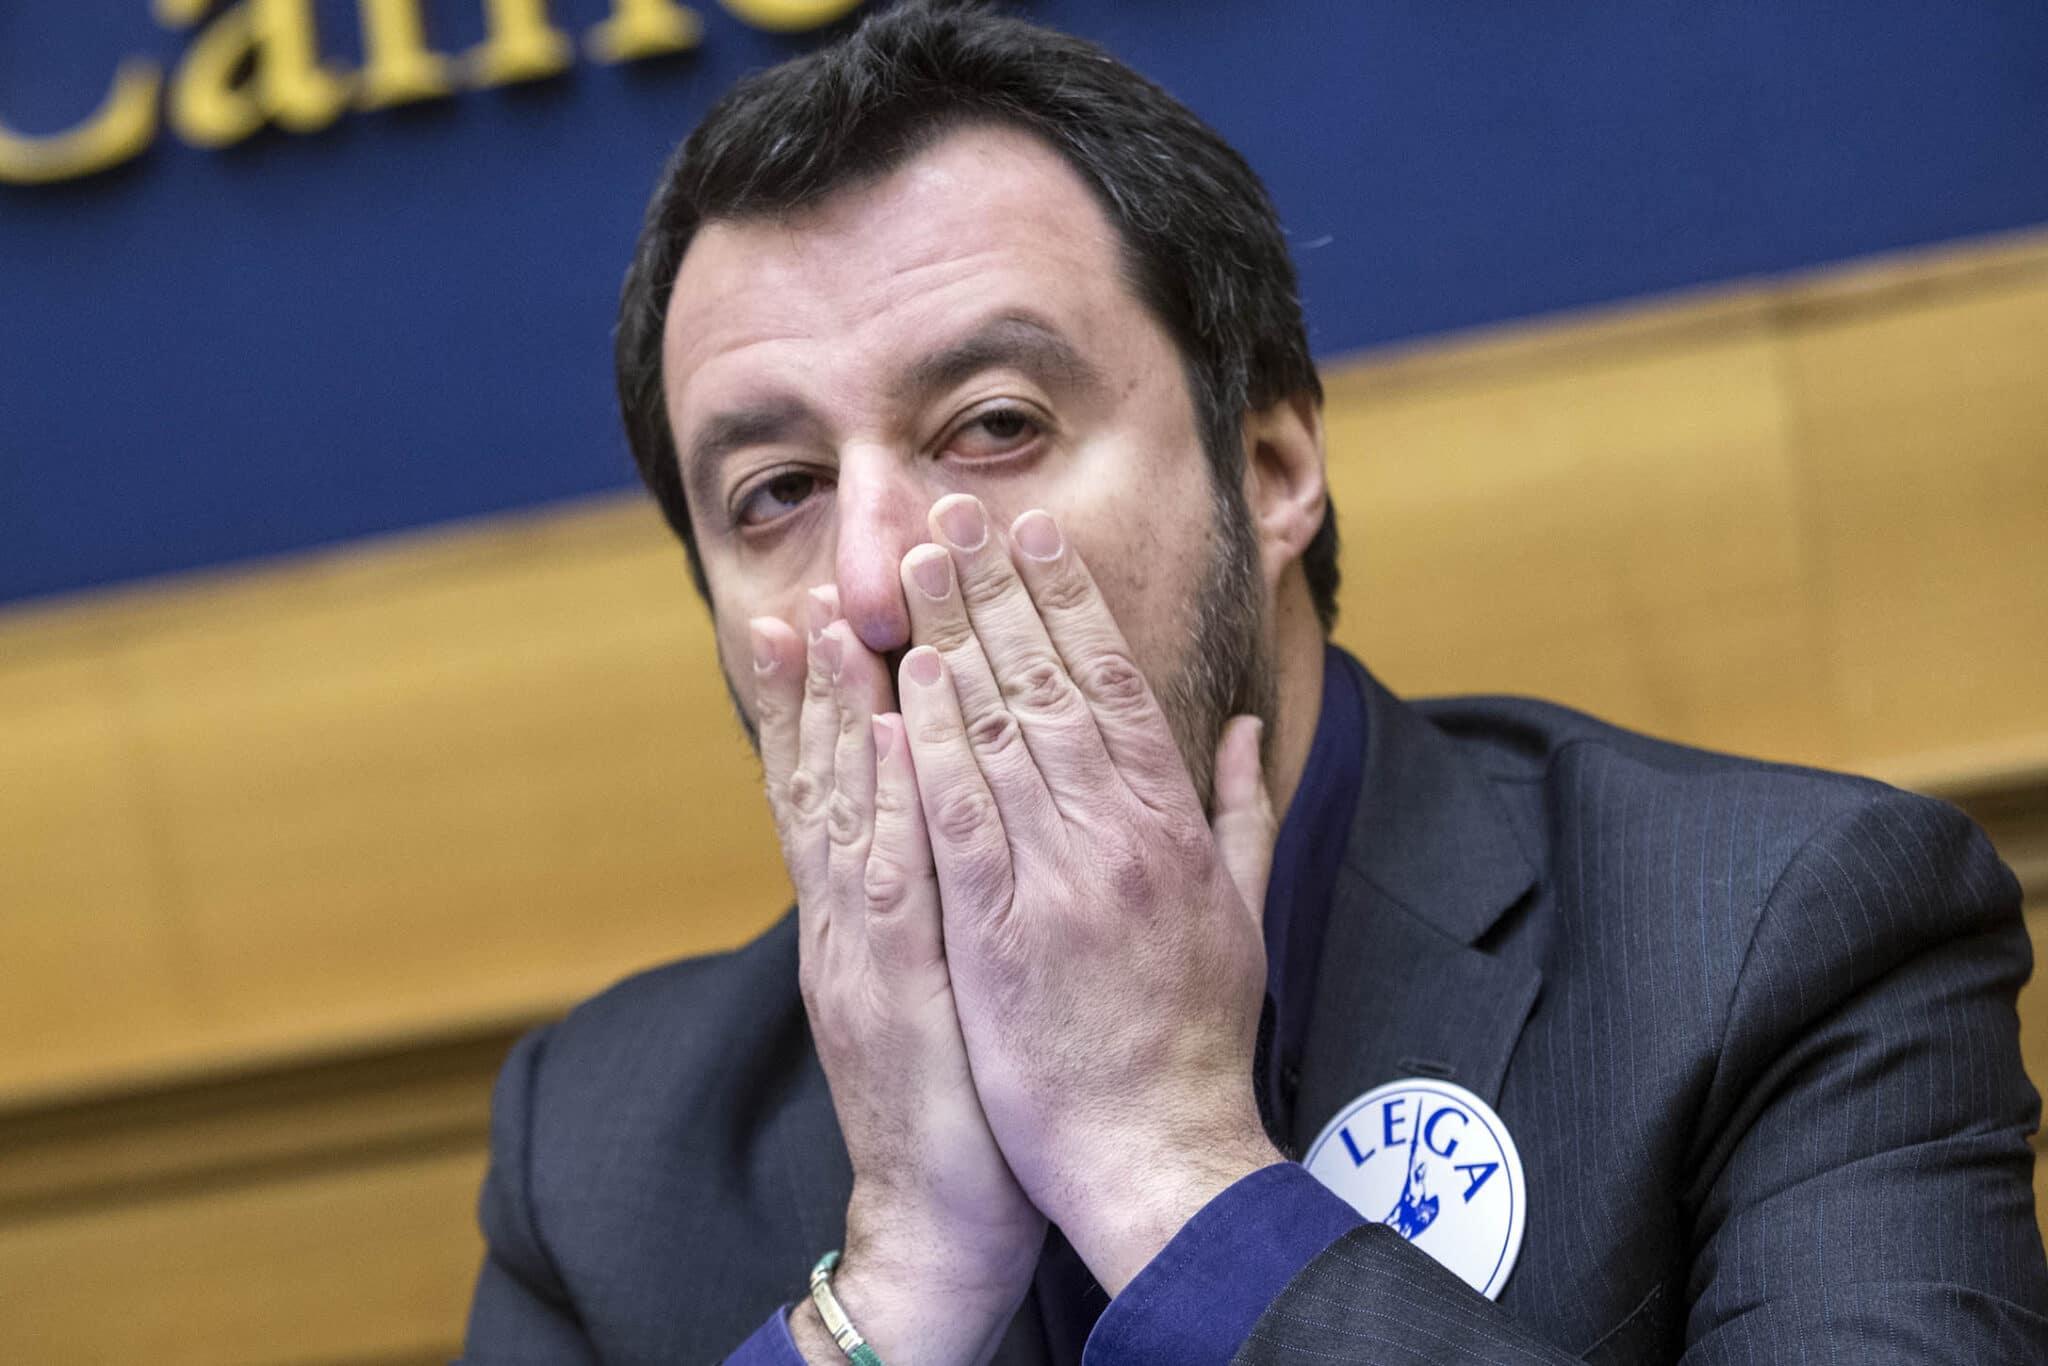 In un mese giunti 7.068 clandestini <br> Dopo il sì al processo a Salvini perché ha difeso le frontiere, prepariamoci ad un'invasione più massiccia <br> Il governo ha così legittimato un sistema illegale